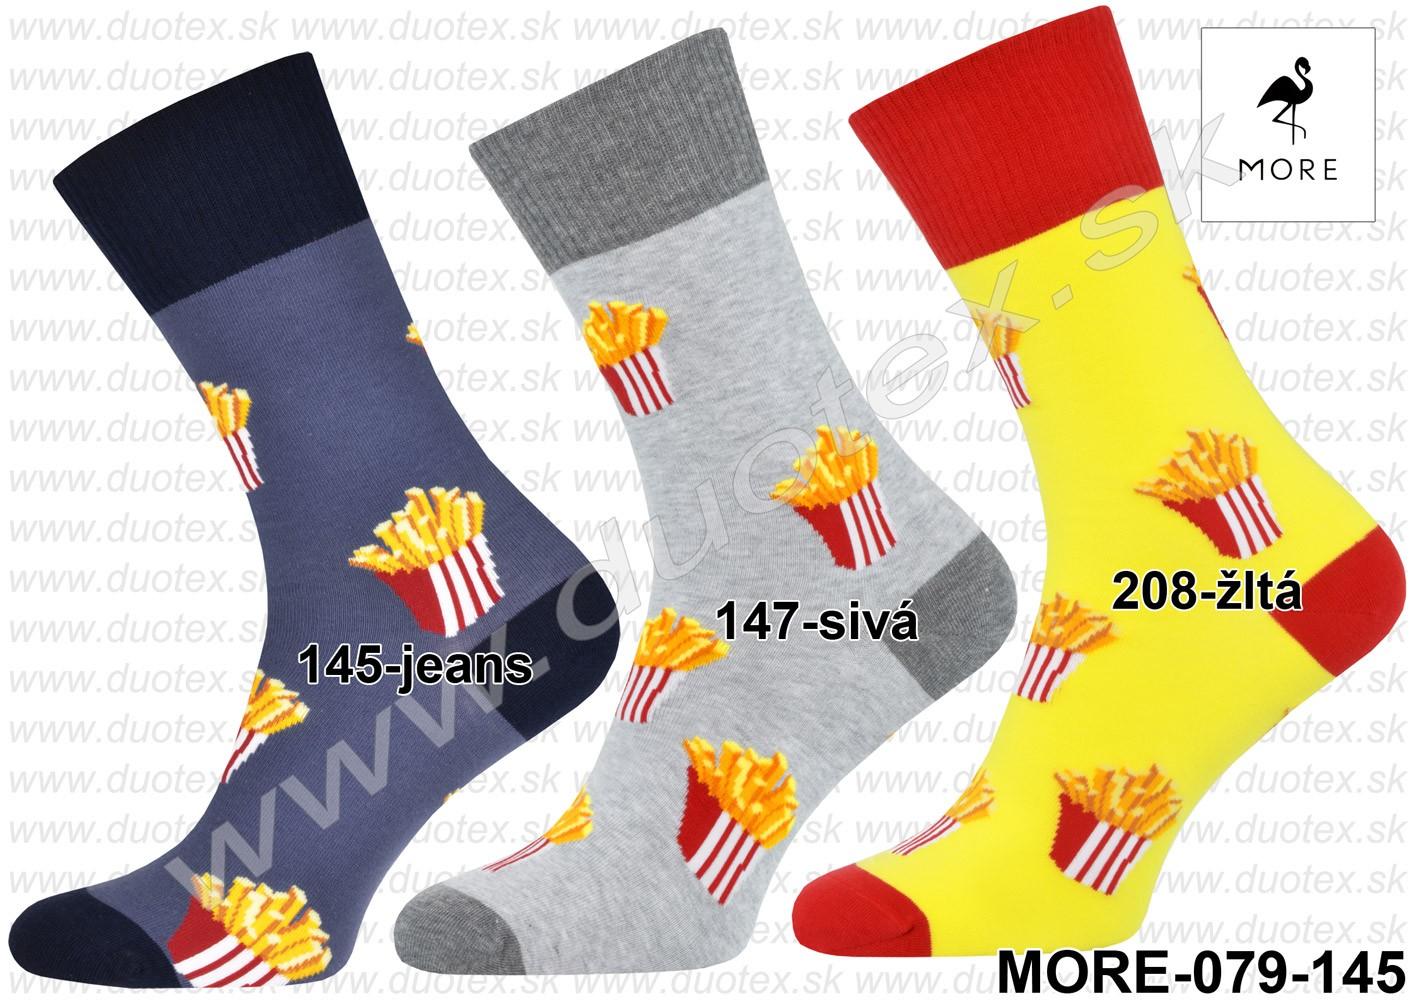 Pánske ponožky More-079-145